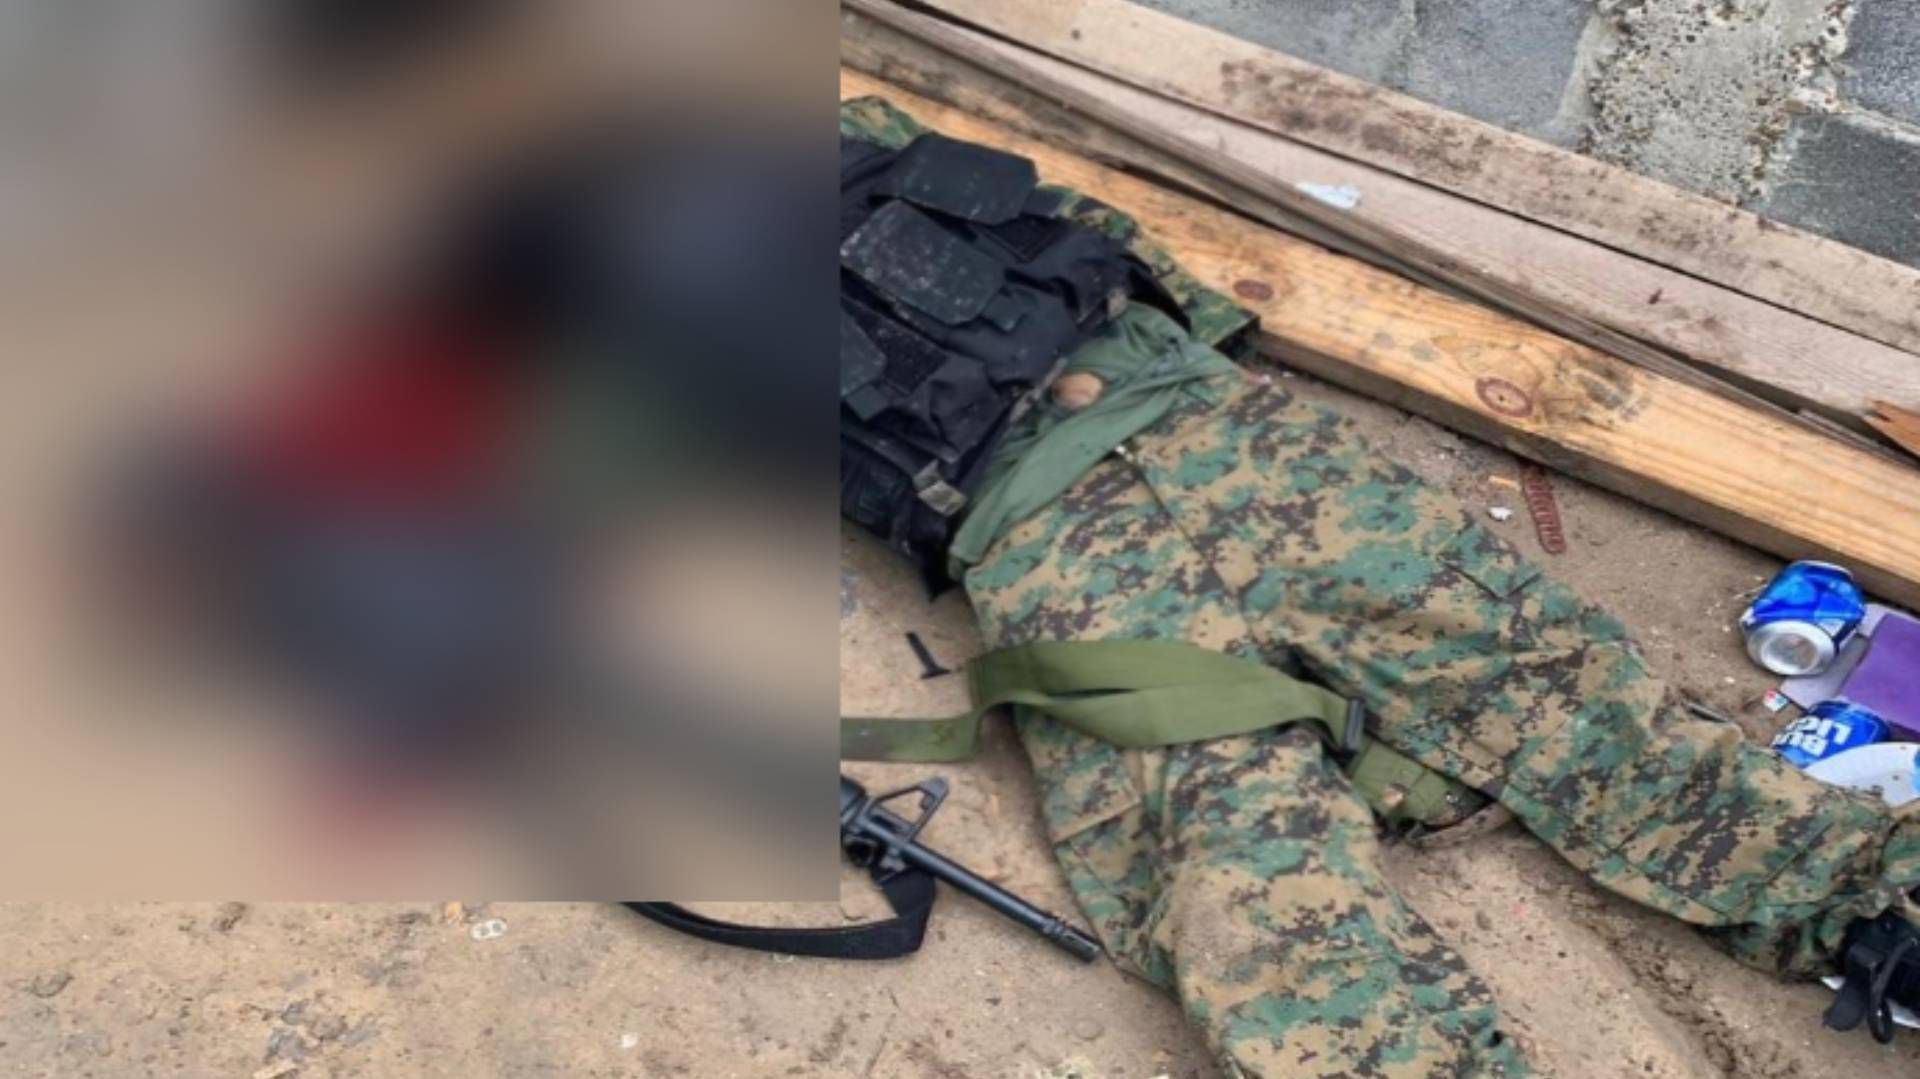 Los sicarios portaban uniformes apócrifos del Ejército (Foto: Facebook)